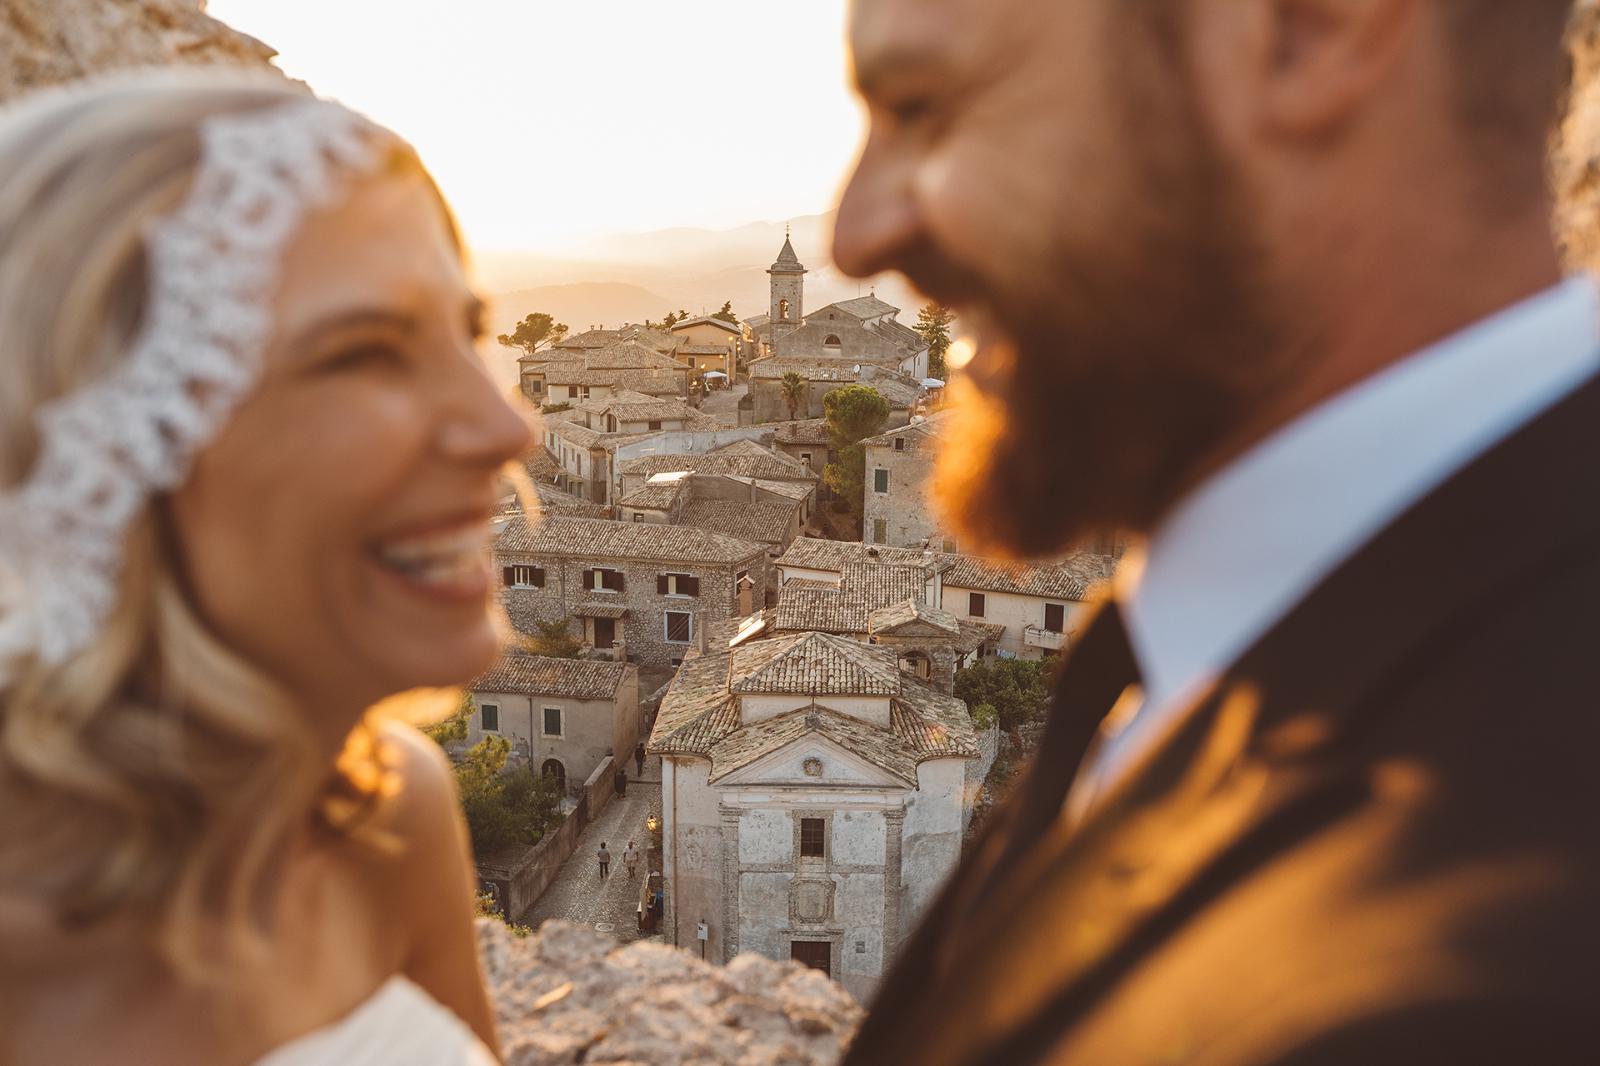 fotografo matrimonio, frosinone, latina, veroli, foto naturali, spontanea, sposi, wedding day, abito da sposa